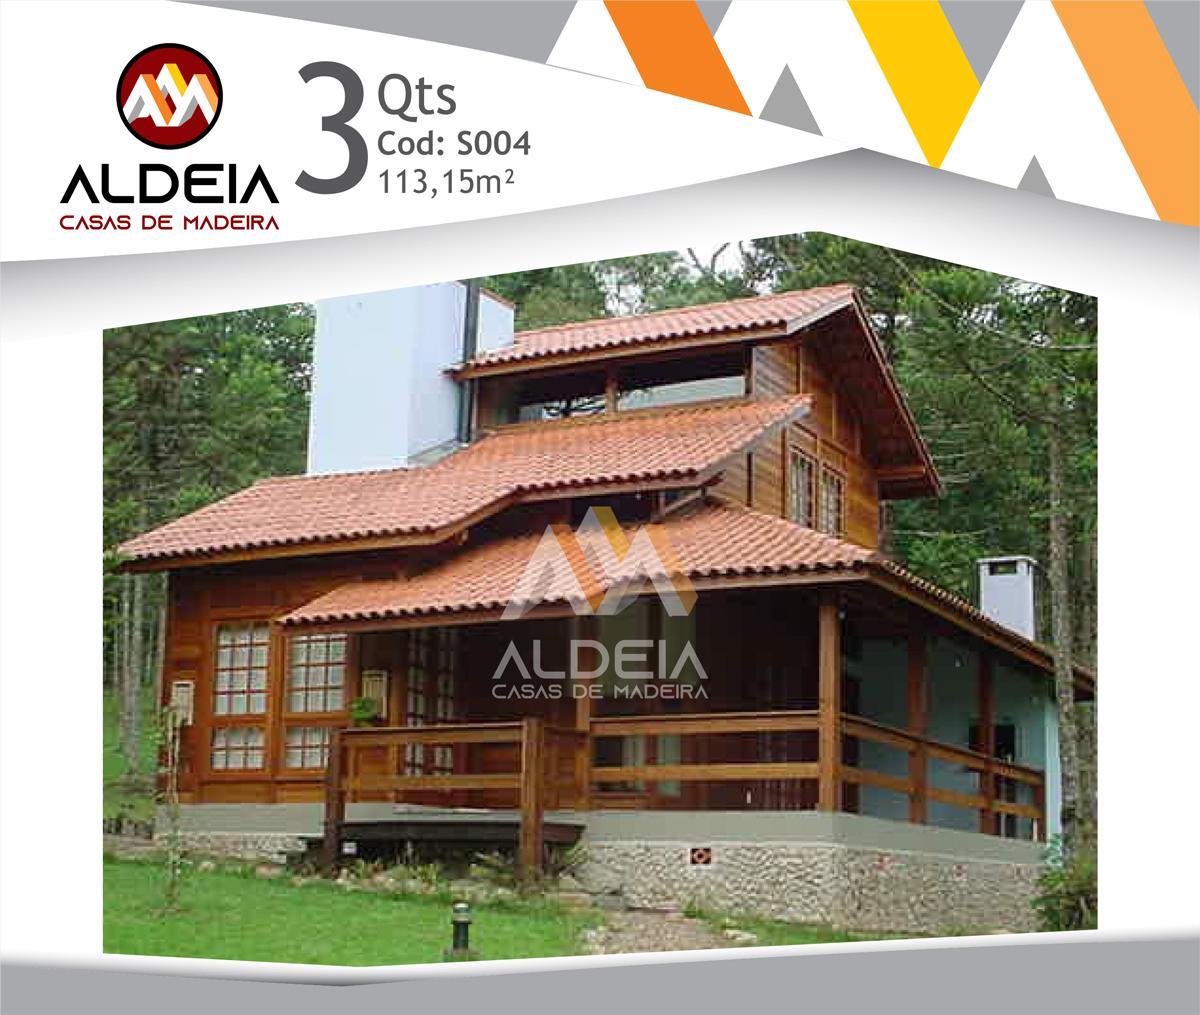 aldeia-casas-madeira-fachada-S004